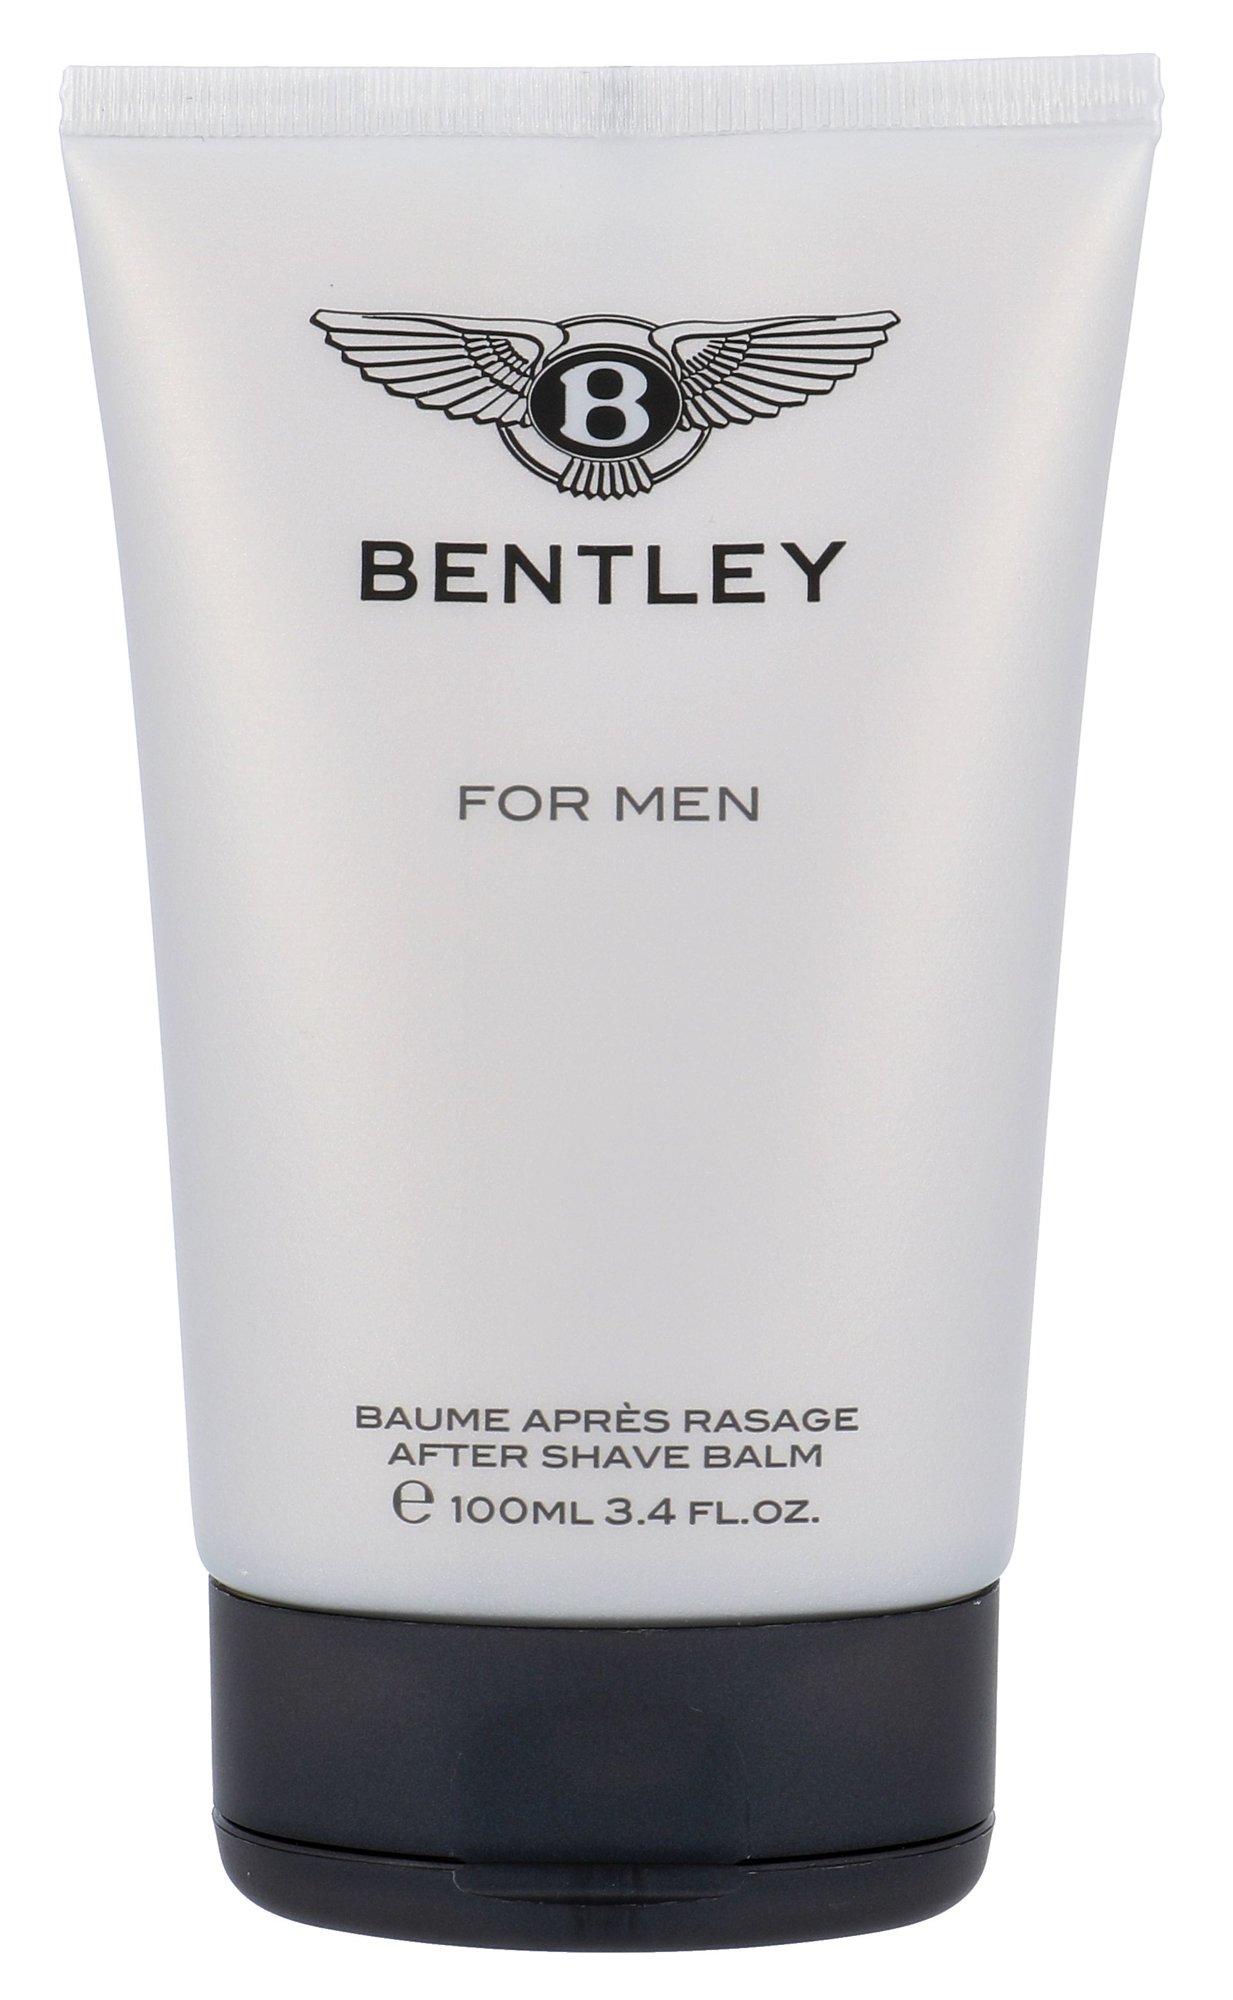 Bentley Bentley For Men After shave balm 100ml